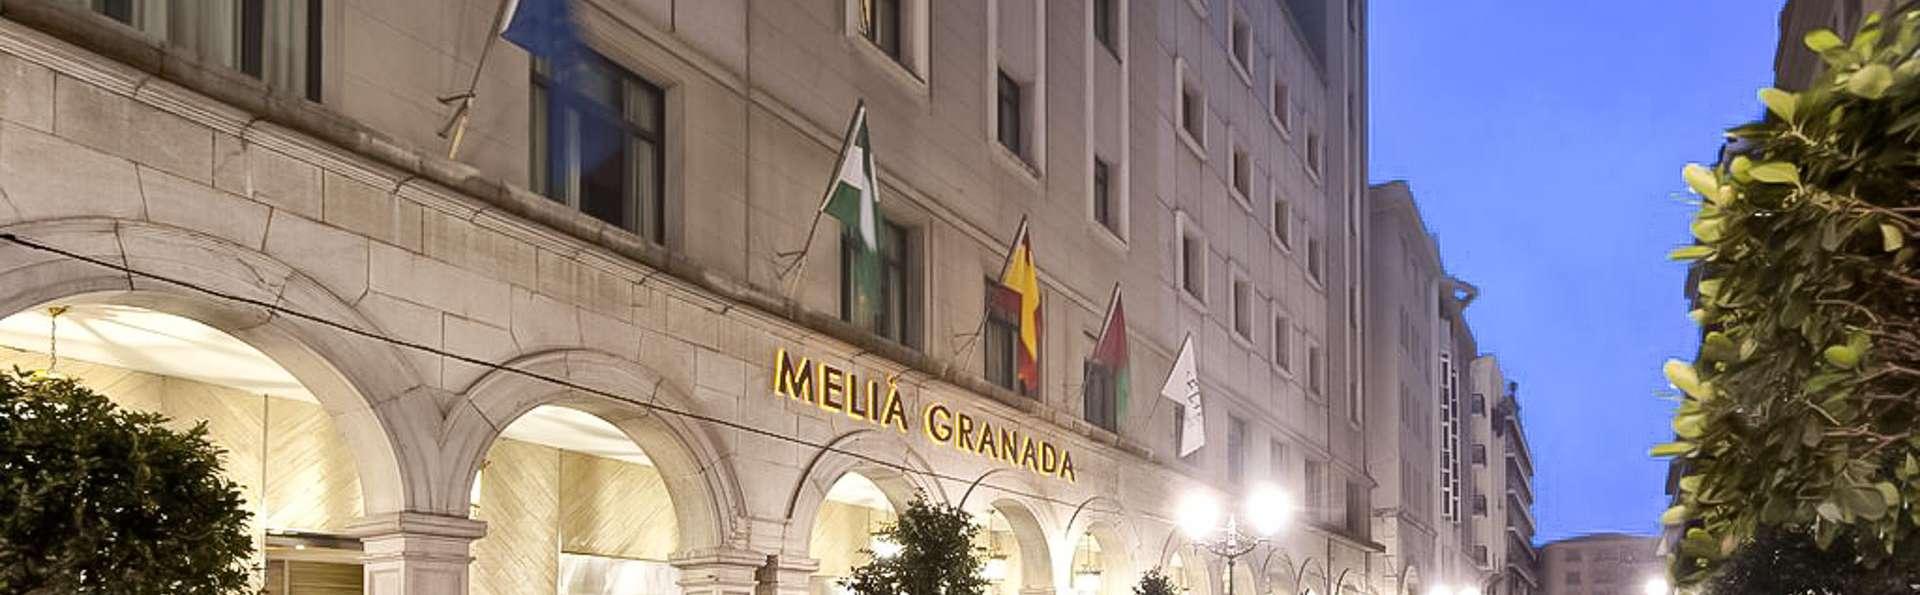 Meliá Granada - EDIT_FRONT_01.jpg